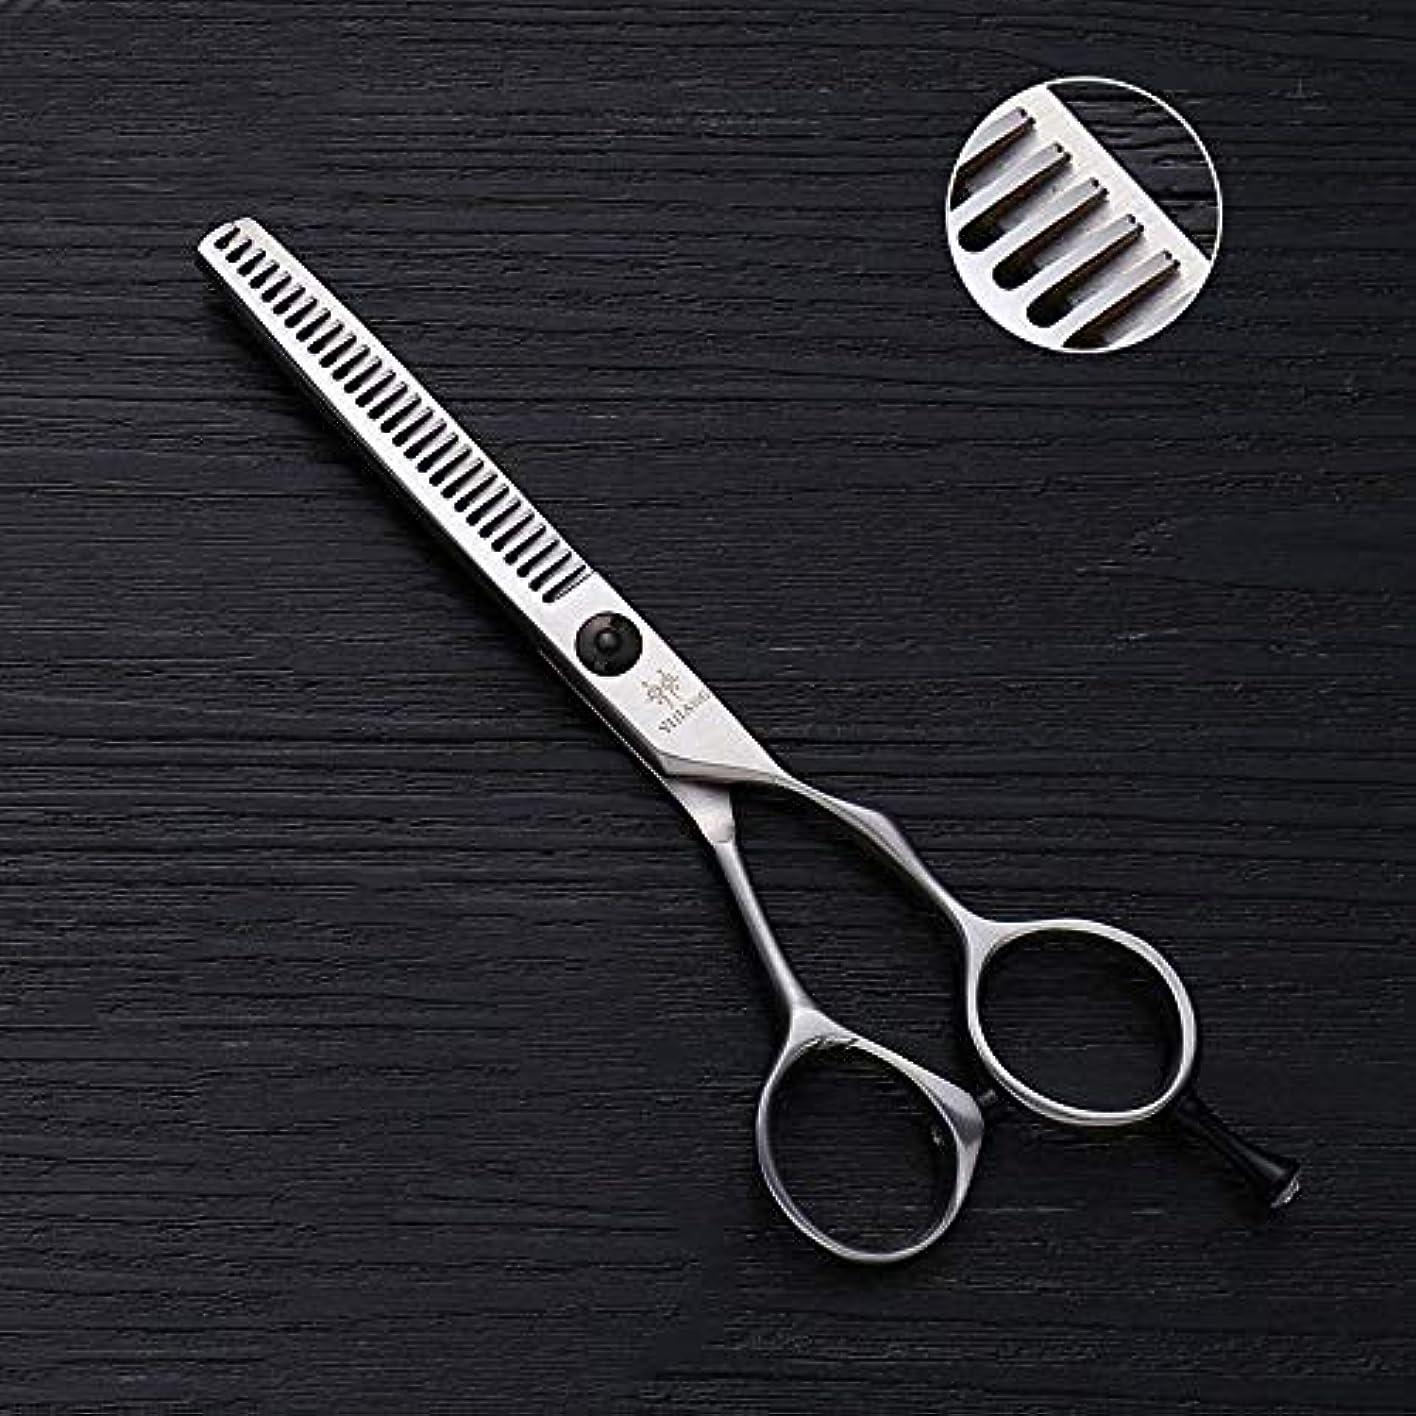 請求書レーニン主義困惑する5インチの理髪はさみ、28歯の間伐はさみ、ステンレス鋼のV歯ヘアカット モデリングツール (色 : Silver)